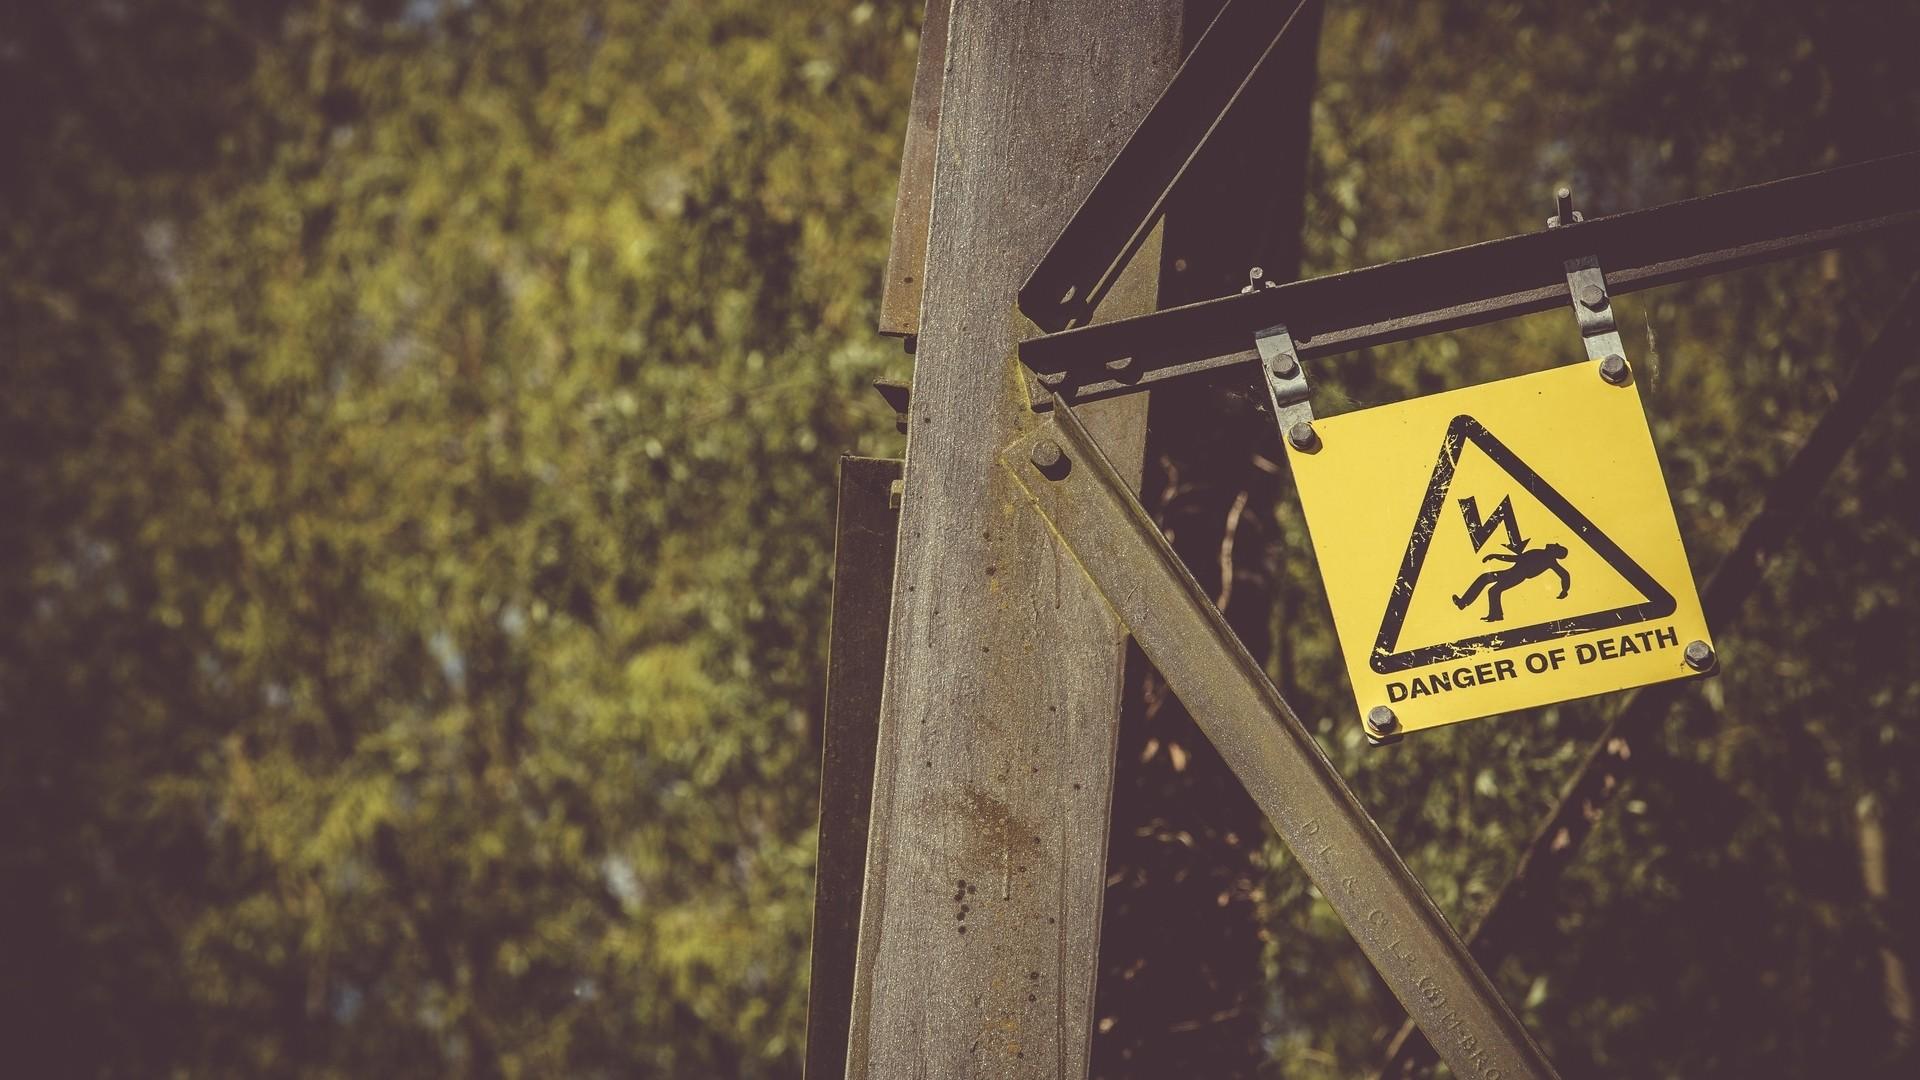 Danger good wallpaper hd